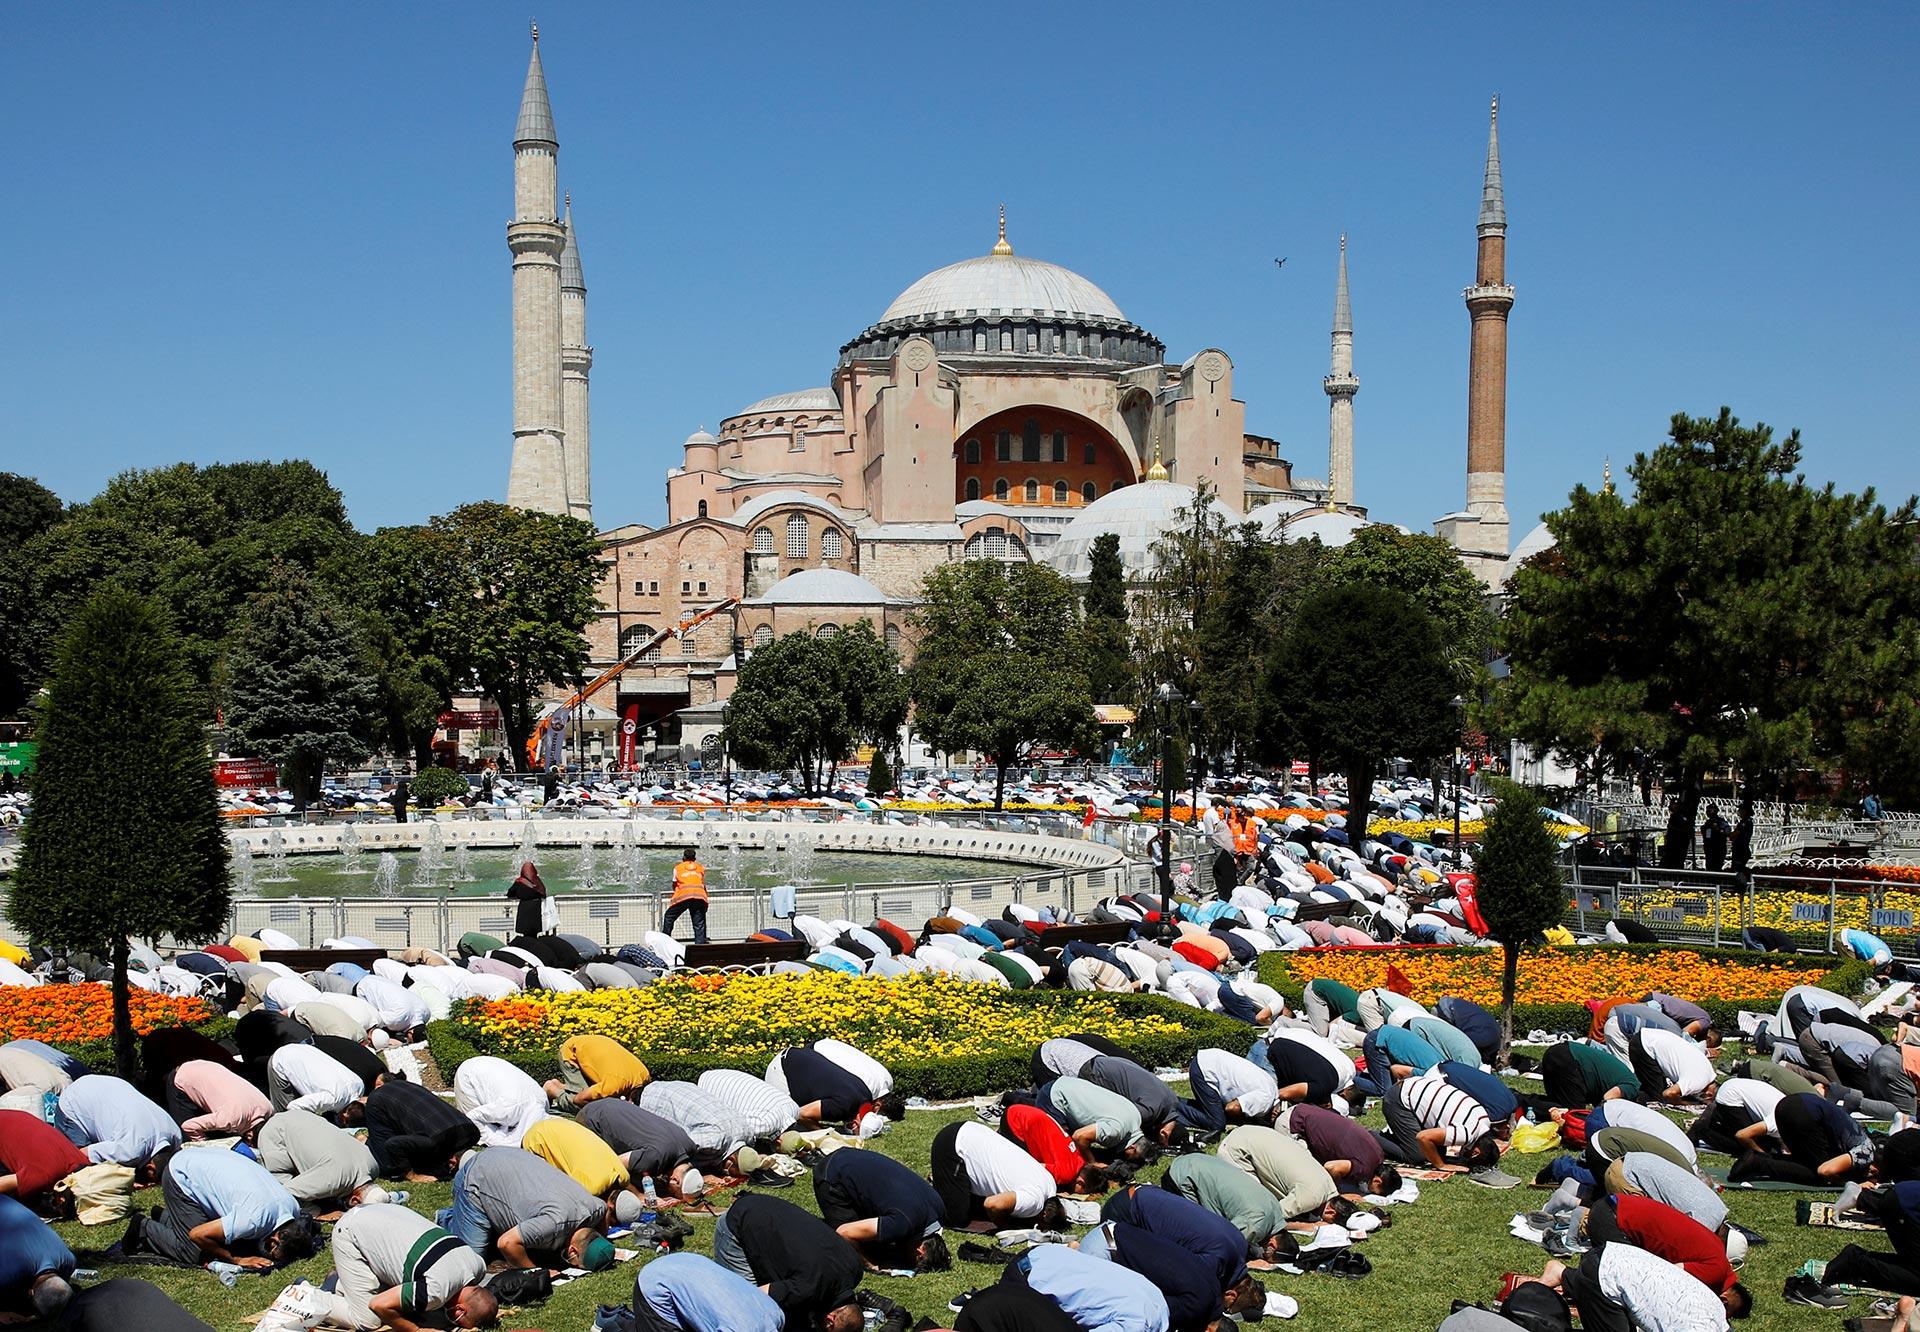 El acceso al templo de Estambul ha quedado restringido a unas 500 personalidades invitadas por el Gobierno, pero varias explanadas y avenidas alrededor del recinto se han habilitado para un rezo al aire libre, como es habitual en ocasiones similares (Reuters)